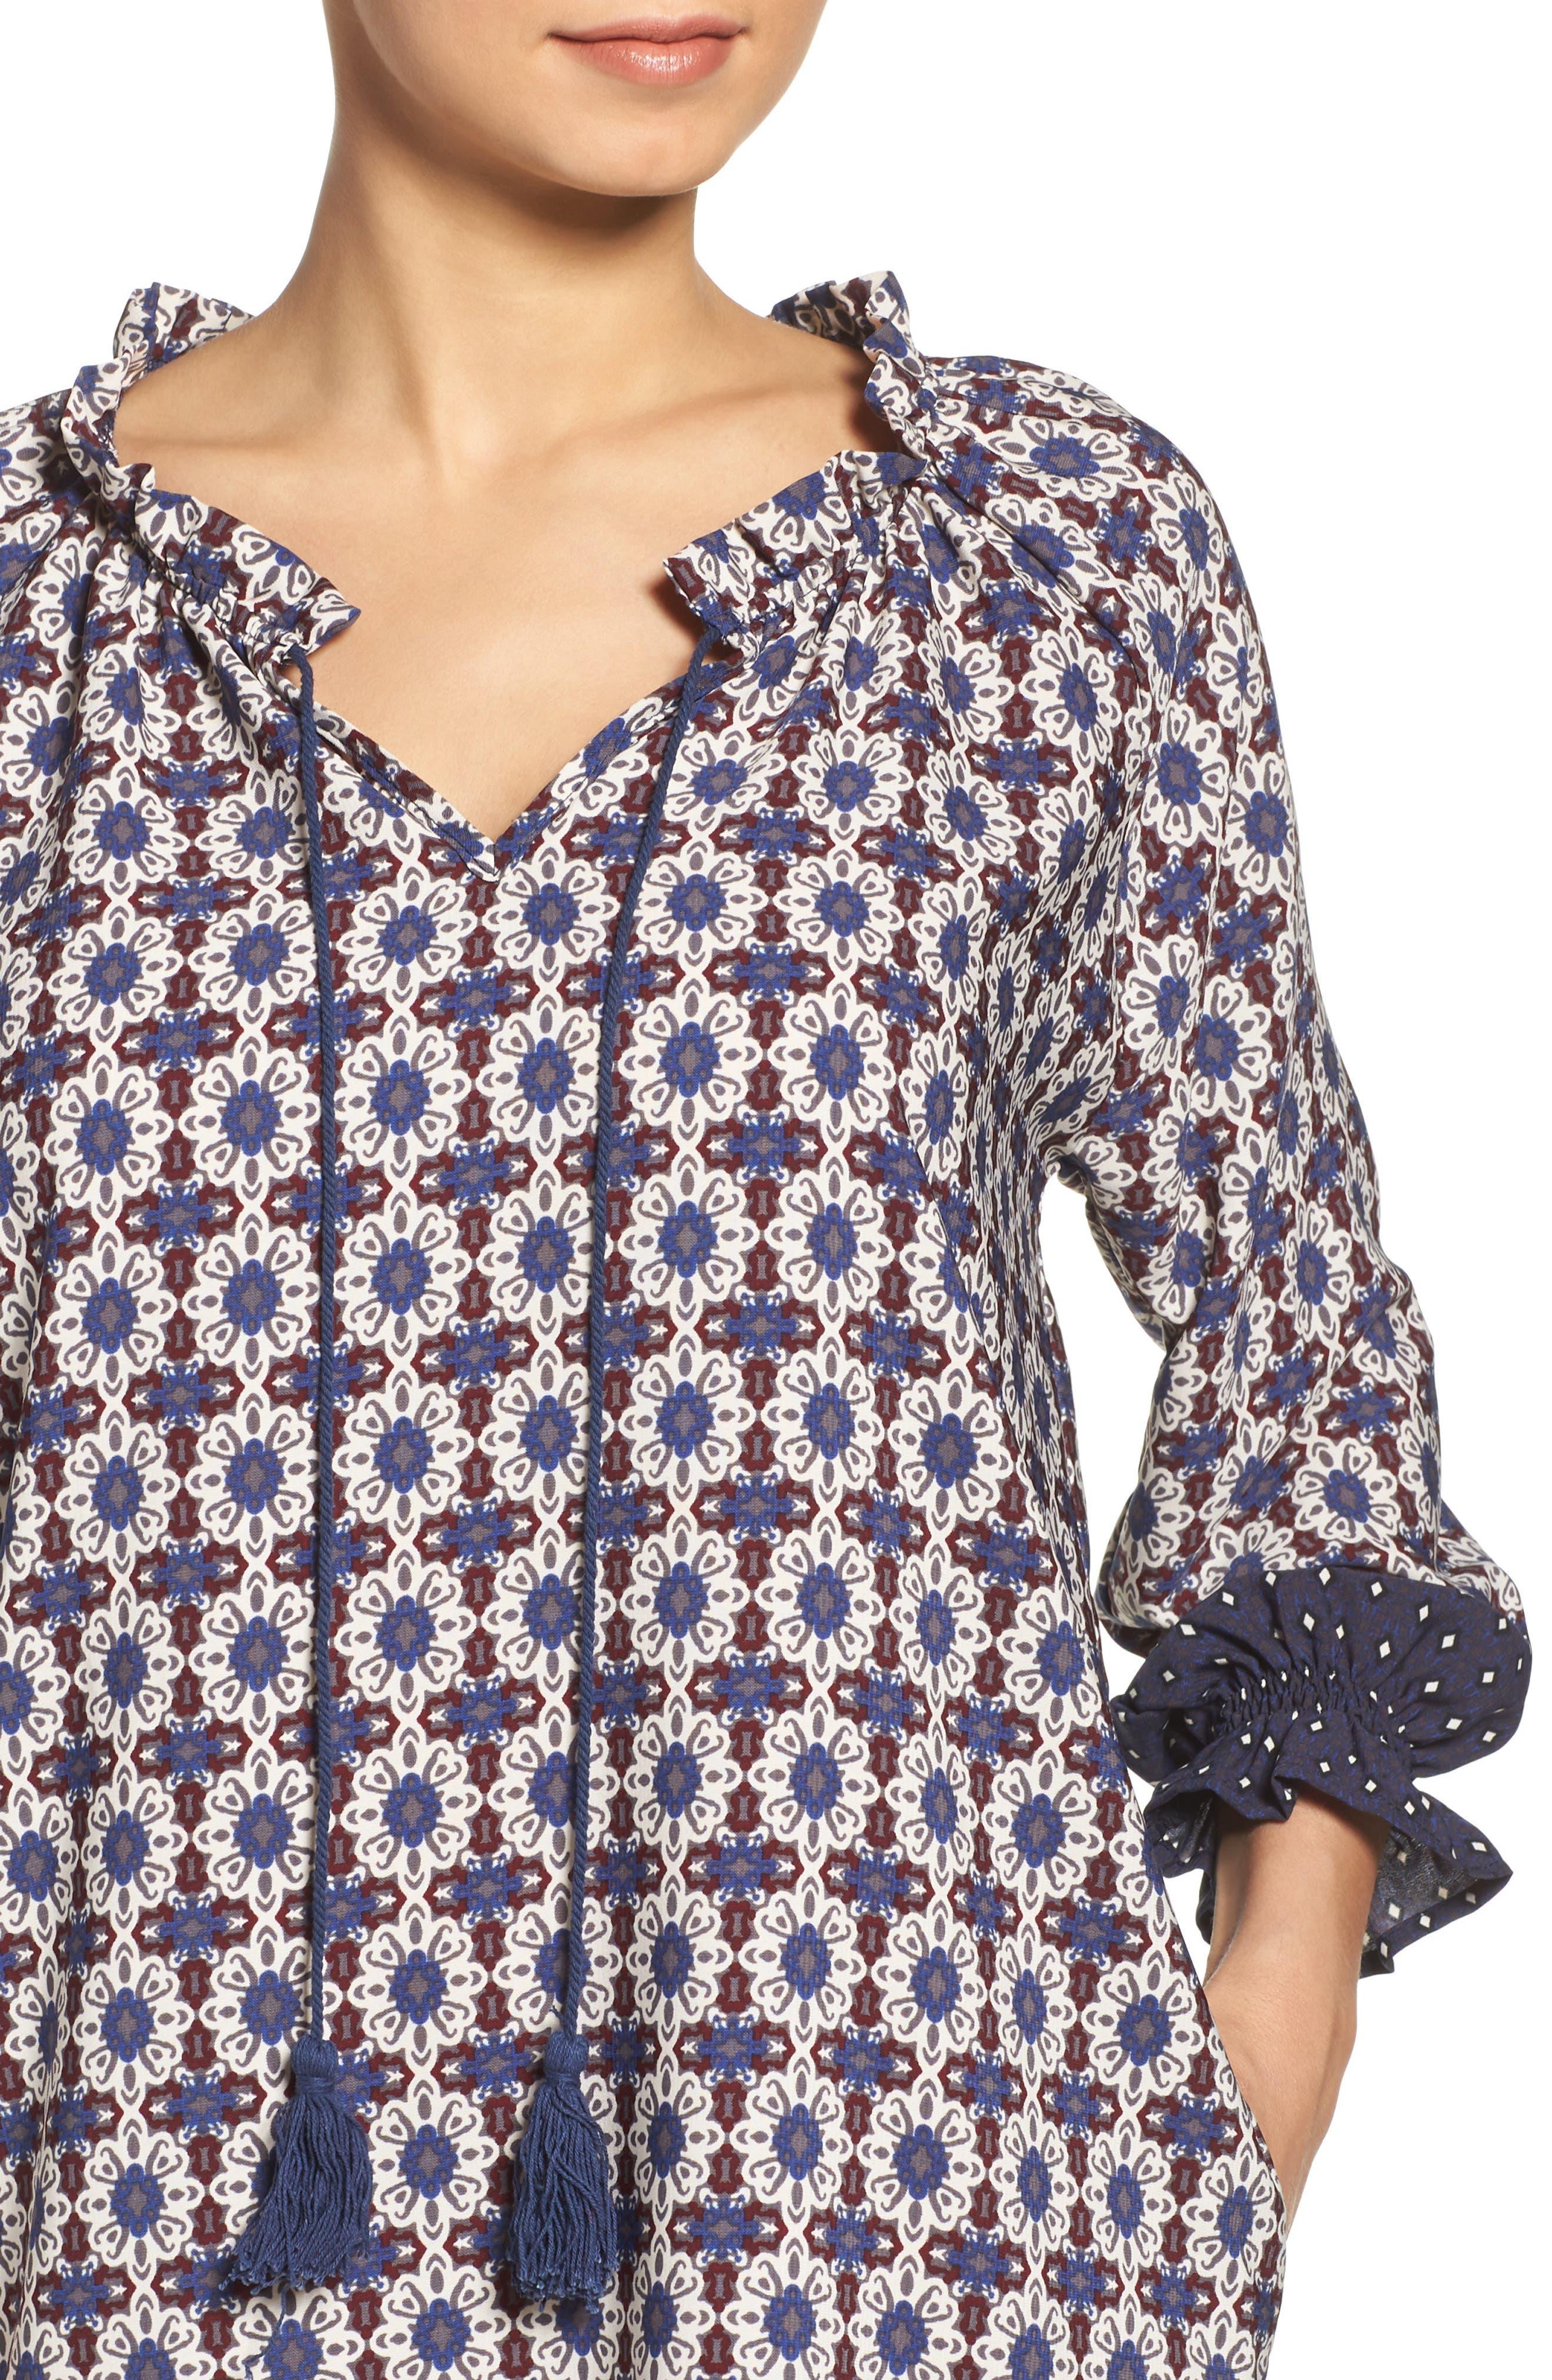 Catella Tunic Dress,                             Alternate thumbnail 5, color,                             410